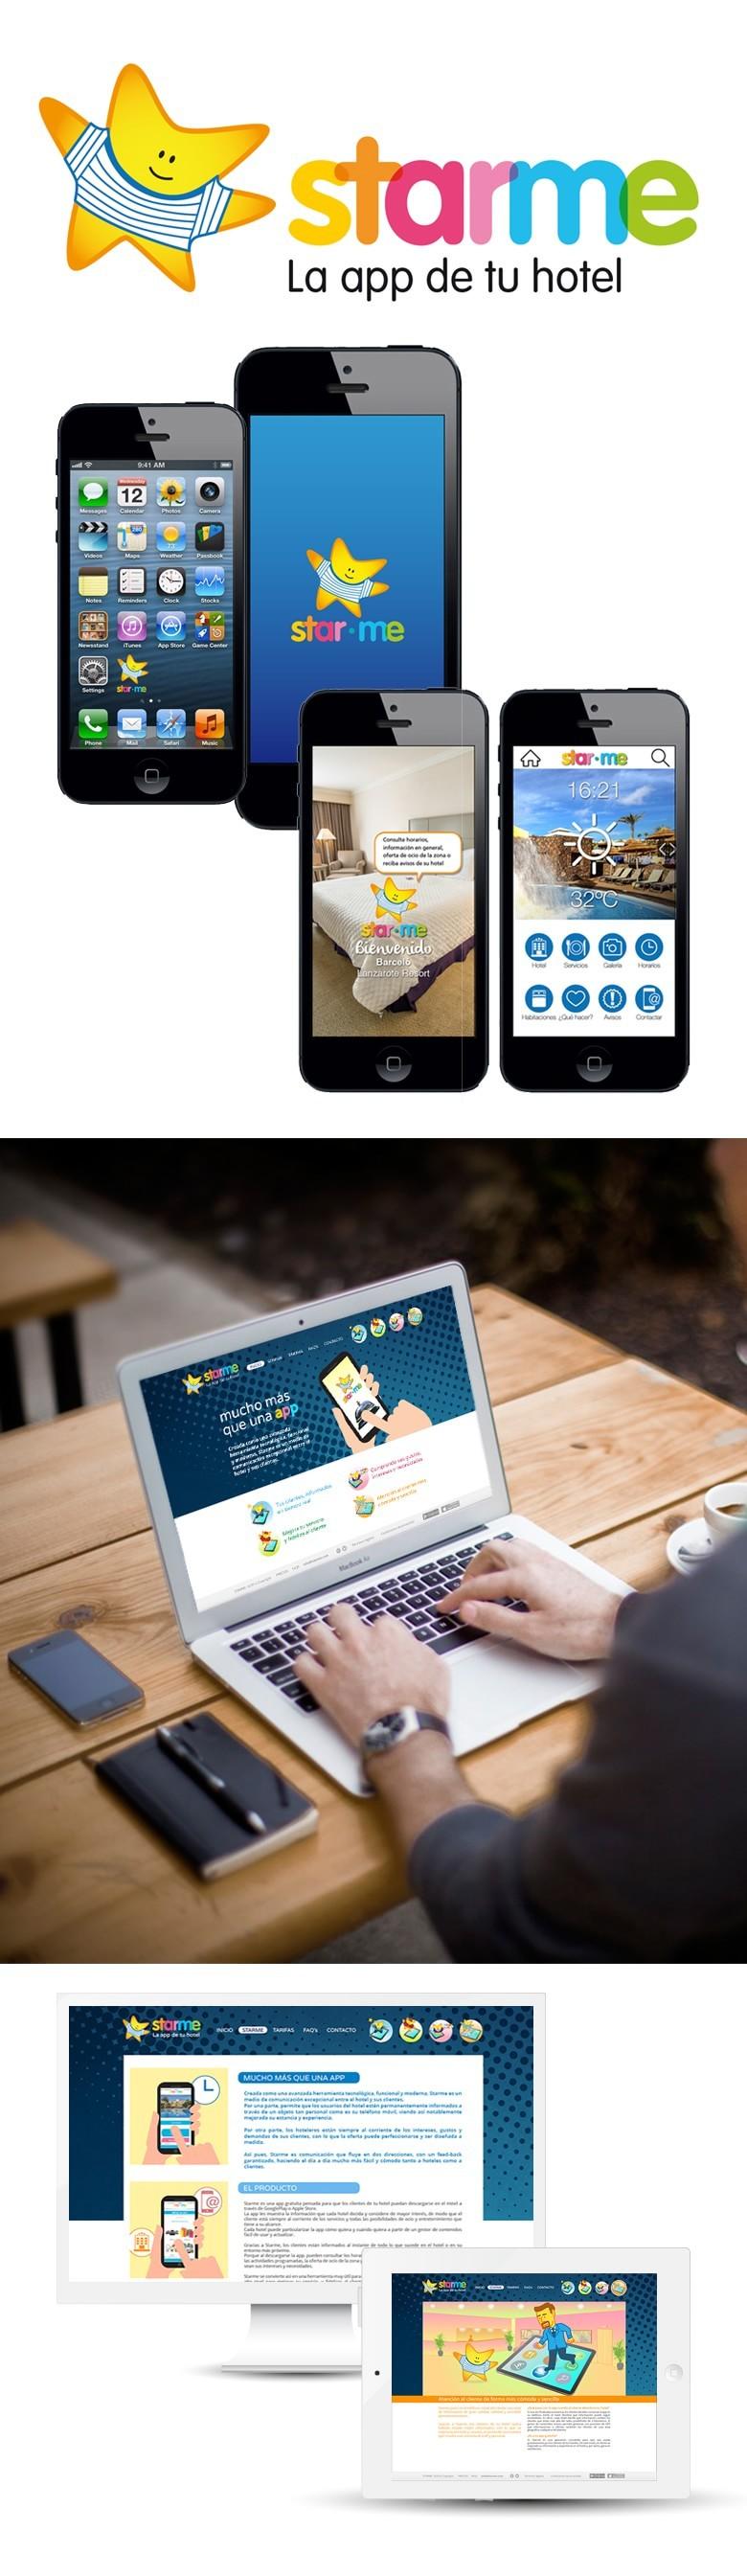 Entorn digital